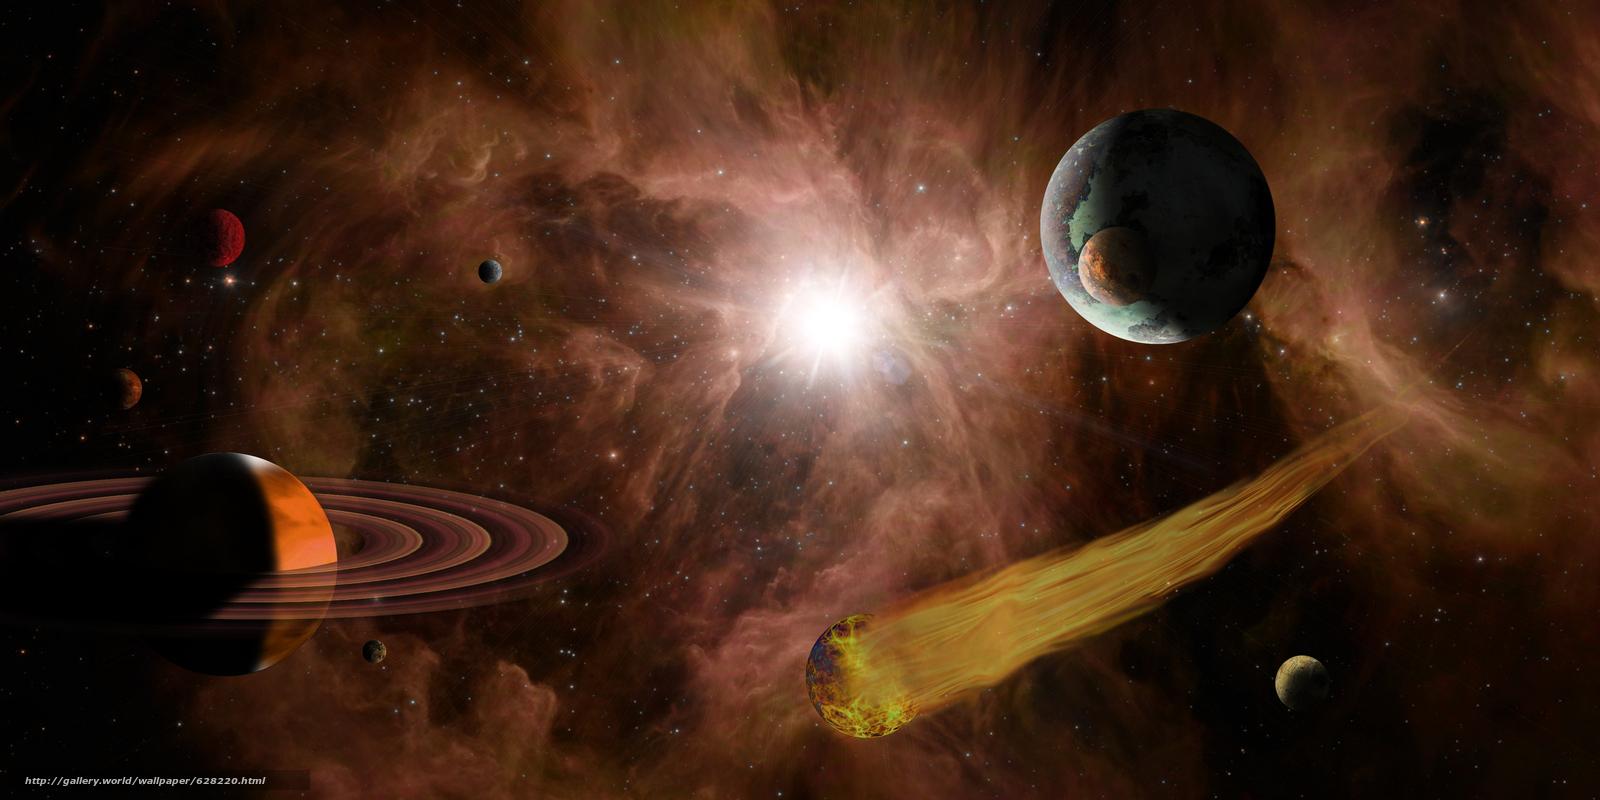 Скачать на телефон обои фото картинку на тему космос, 3d, art, разширение 5000x2500